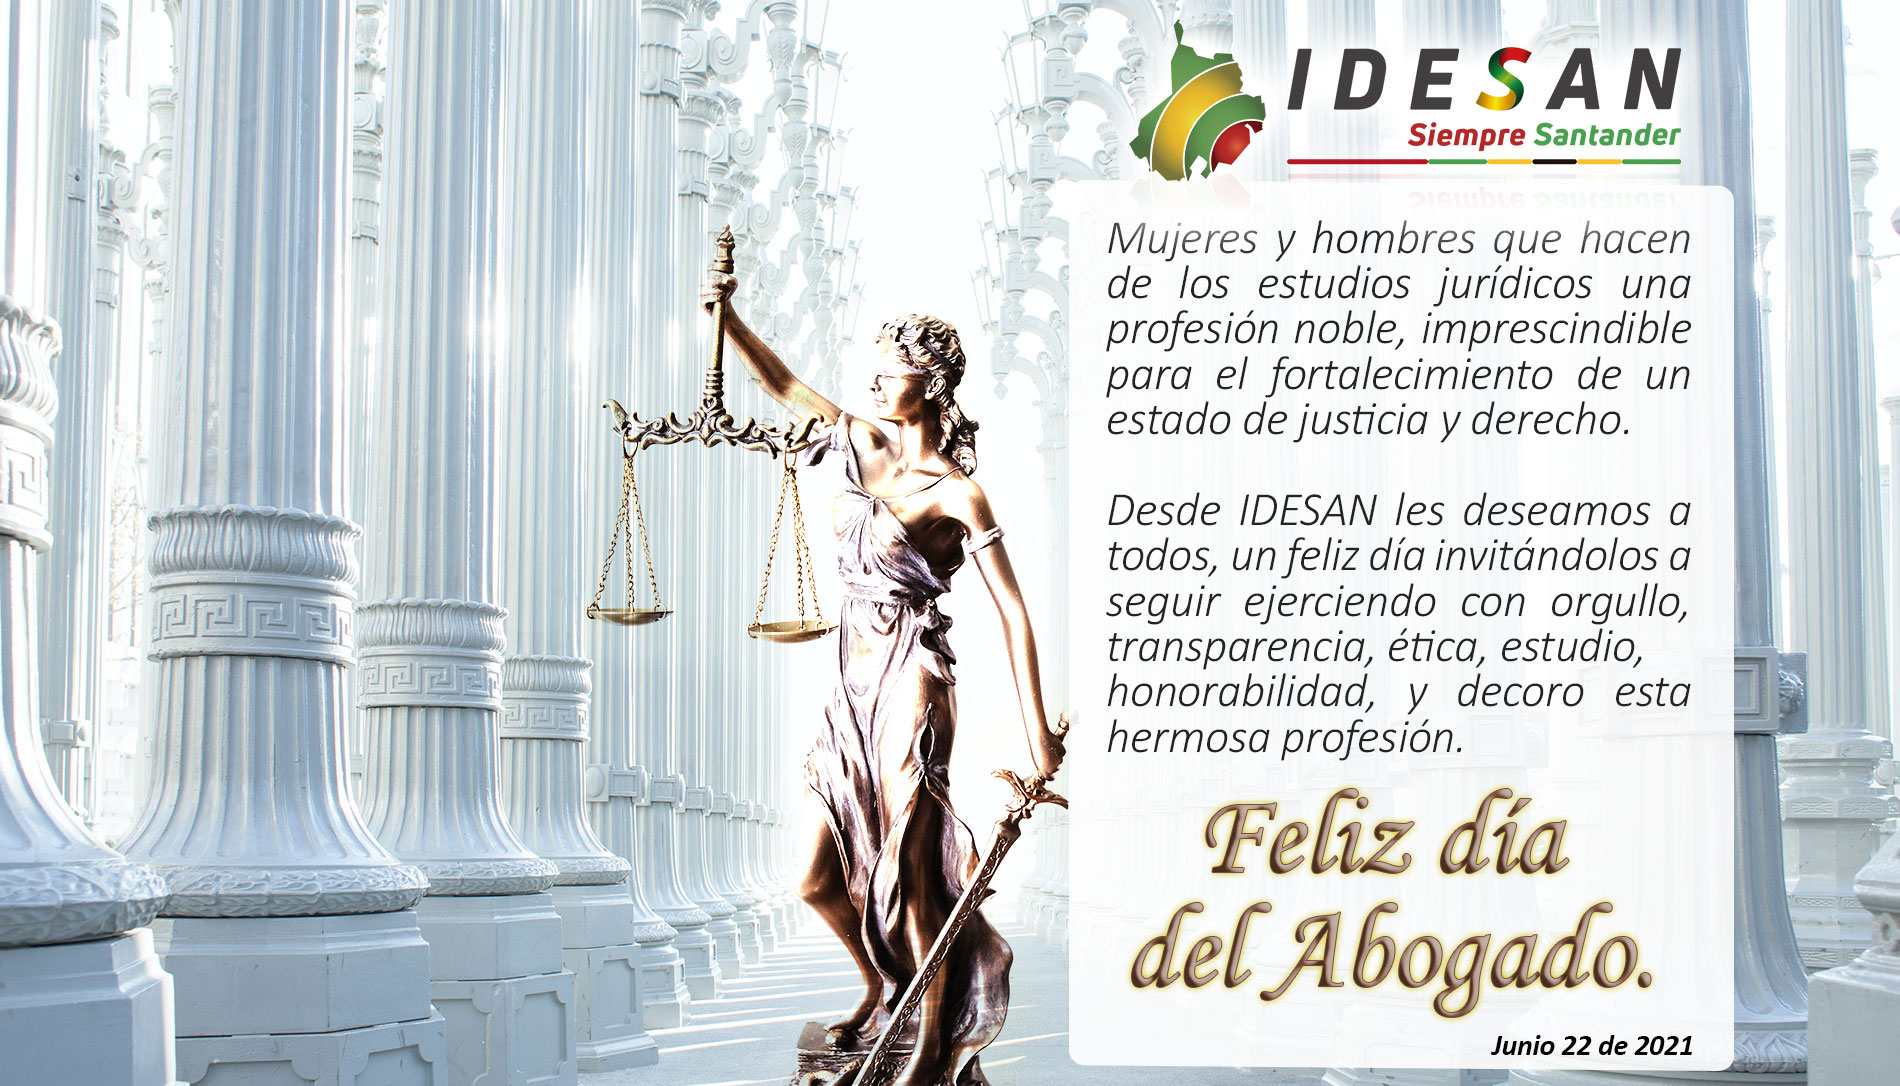 Día del abogado IDESAN 2021